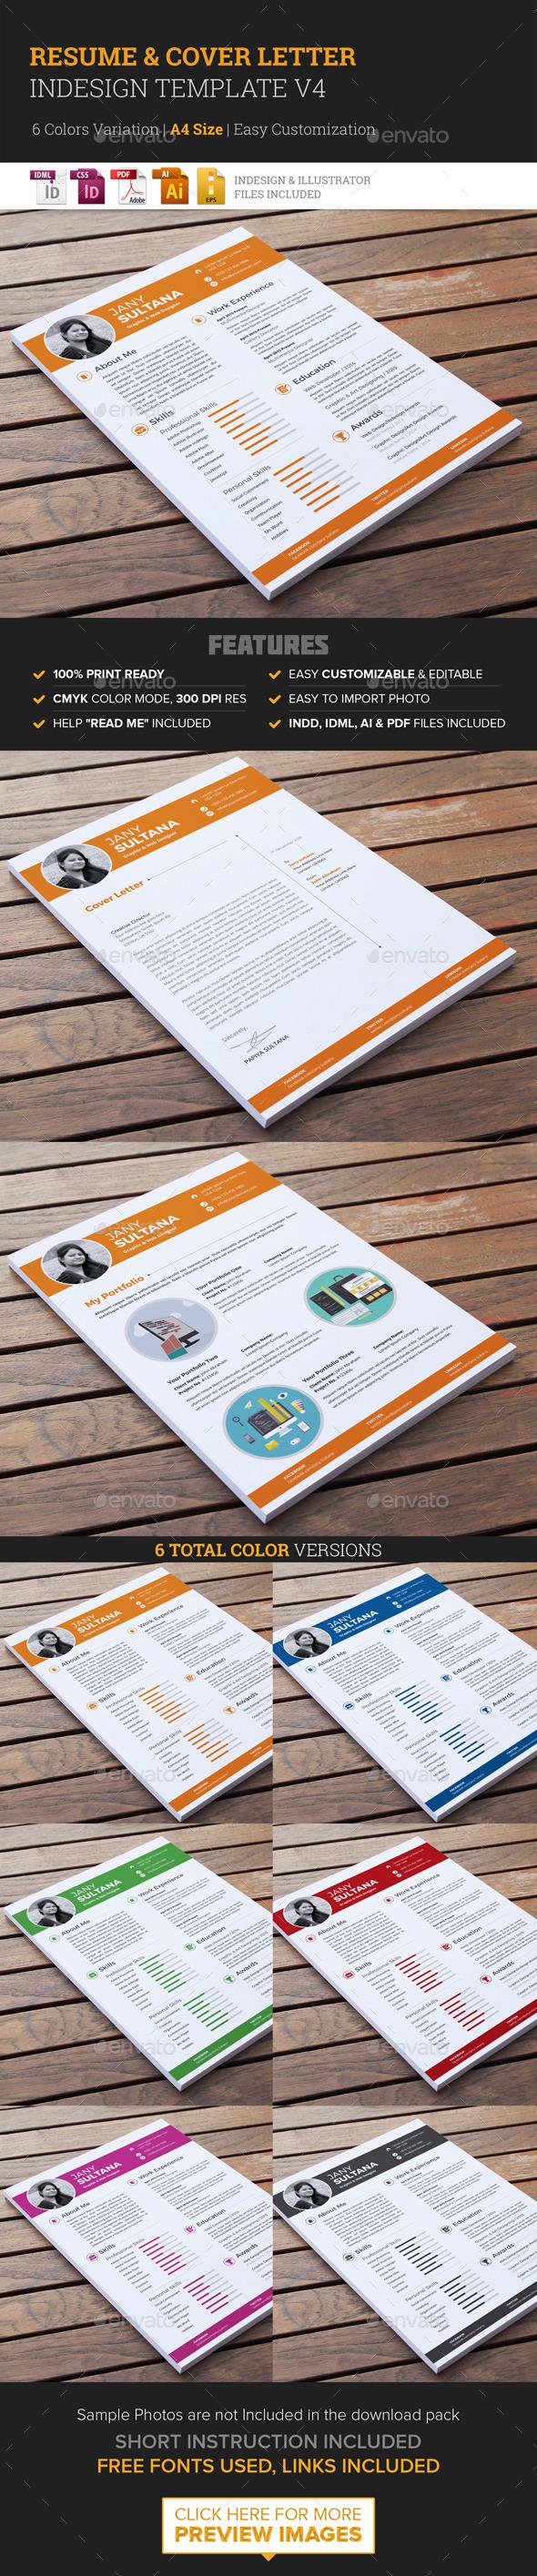 Resume & Cover Letter Template v4